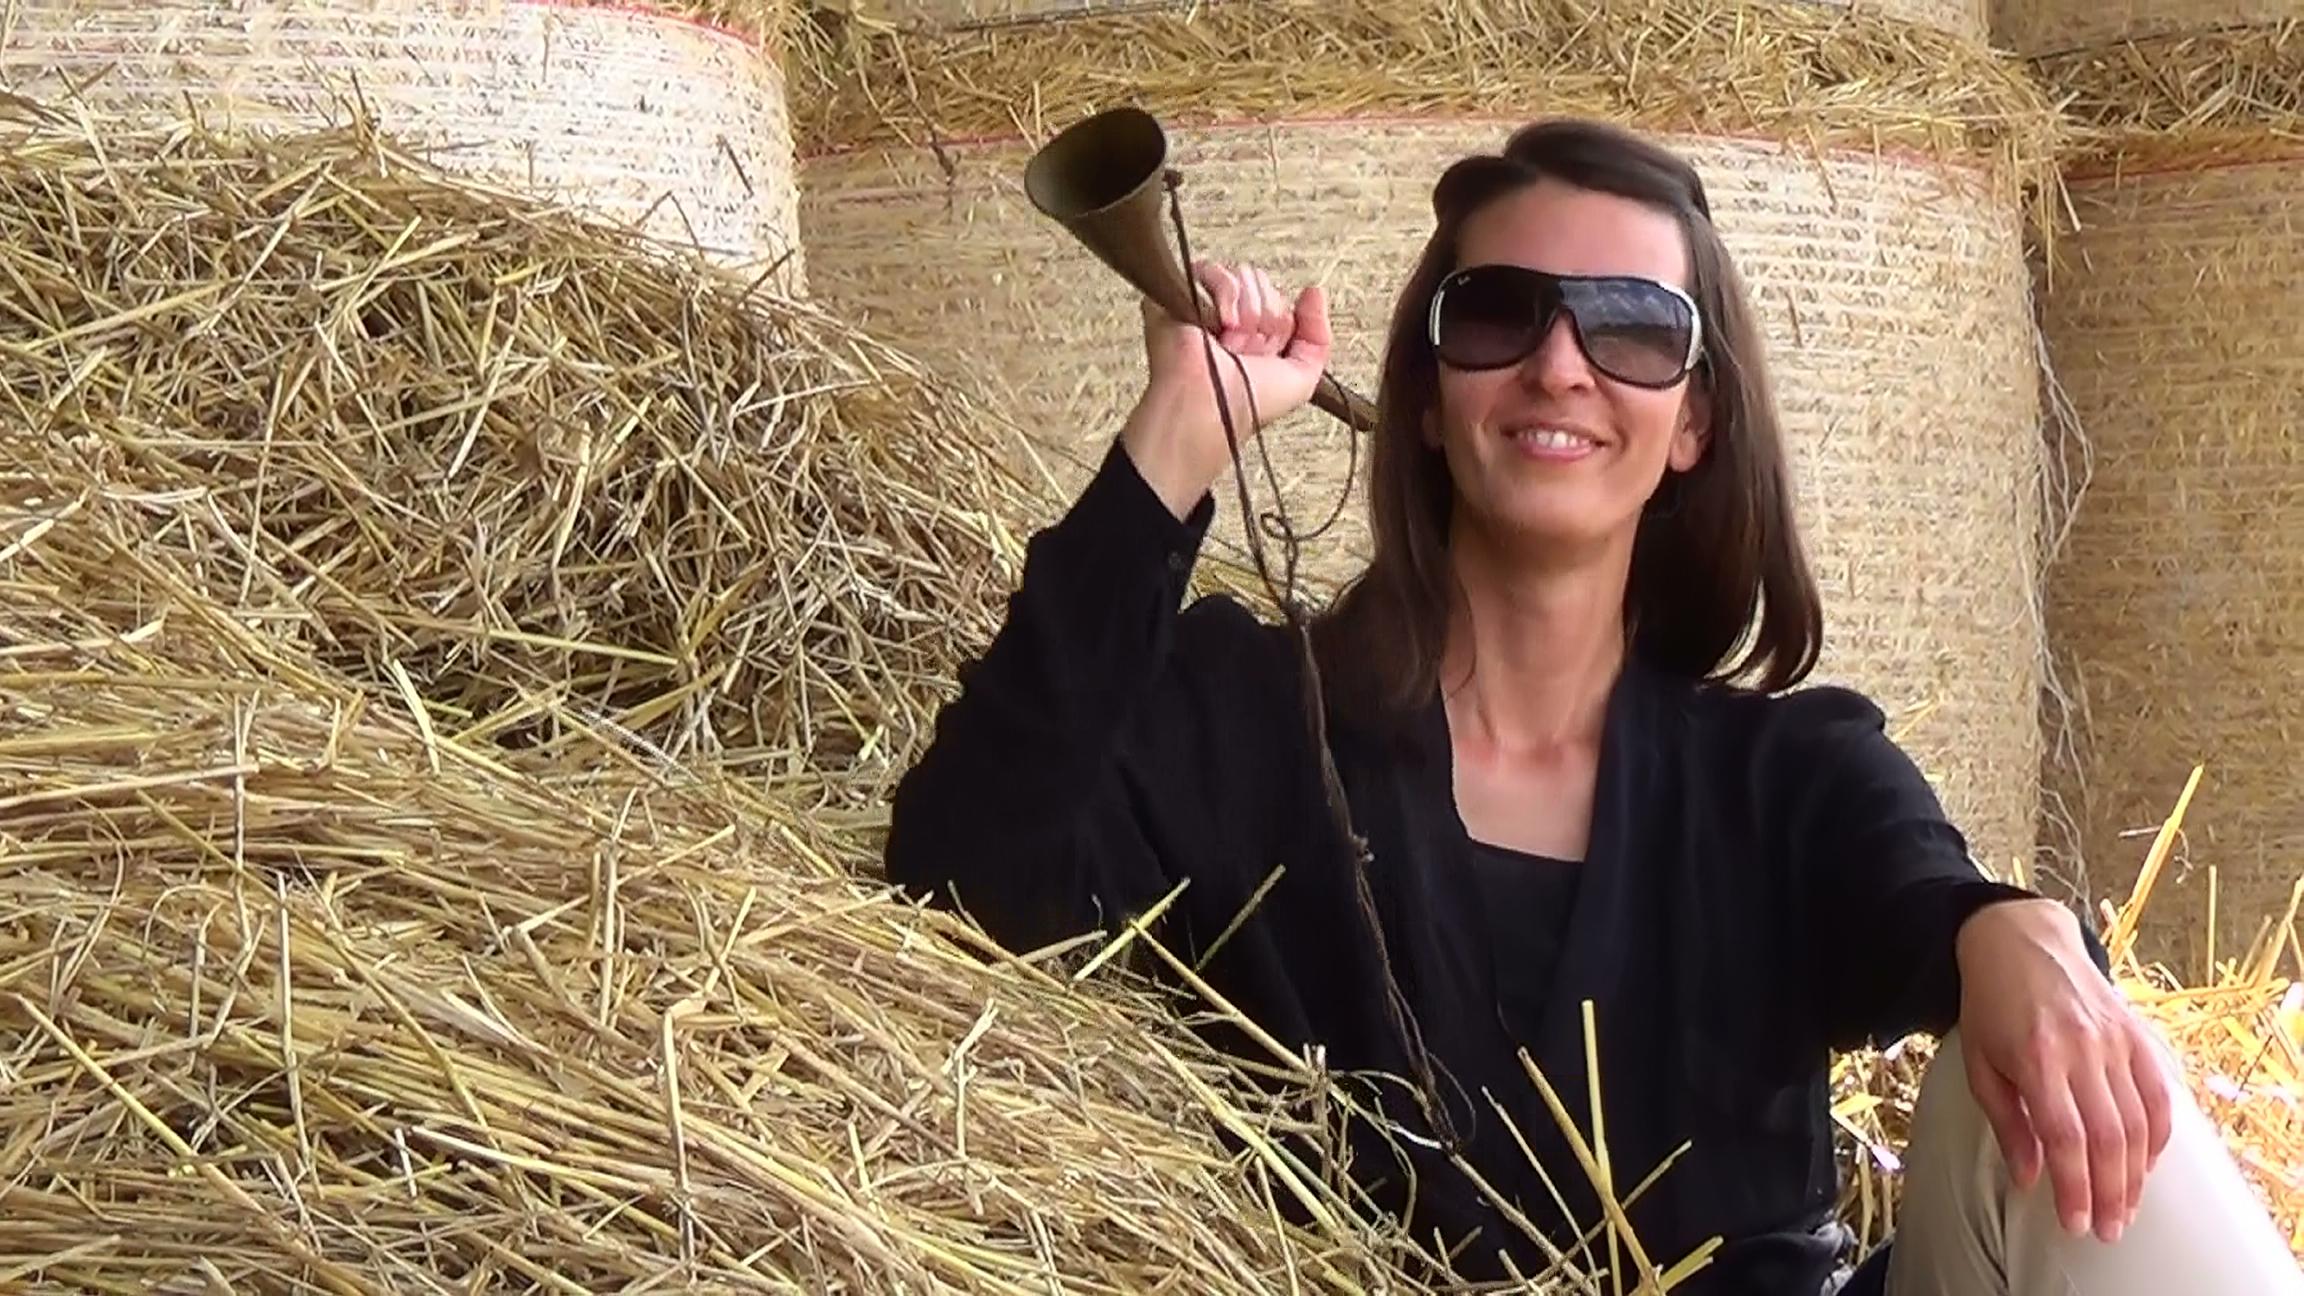 """Die Jägerin im Stroh erklärt den """"Altar der Potenz"""" auf Jägerin Life, ihrem Youtube-Channel."""